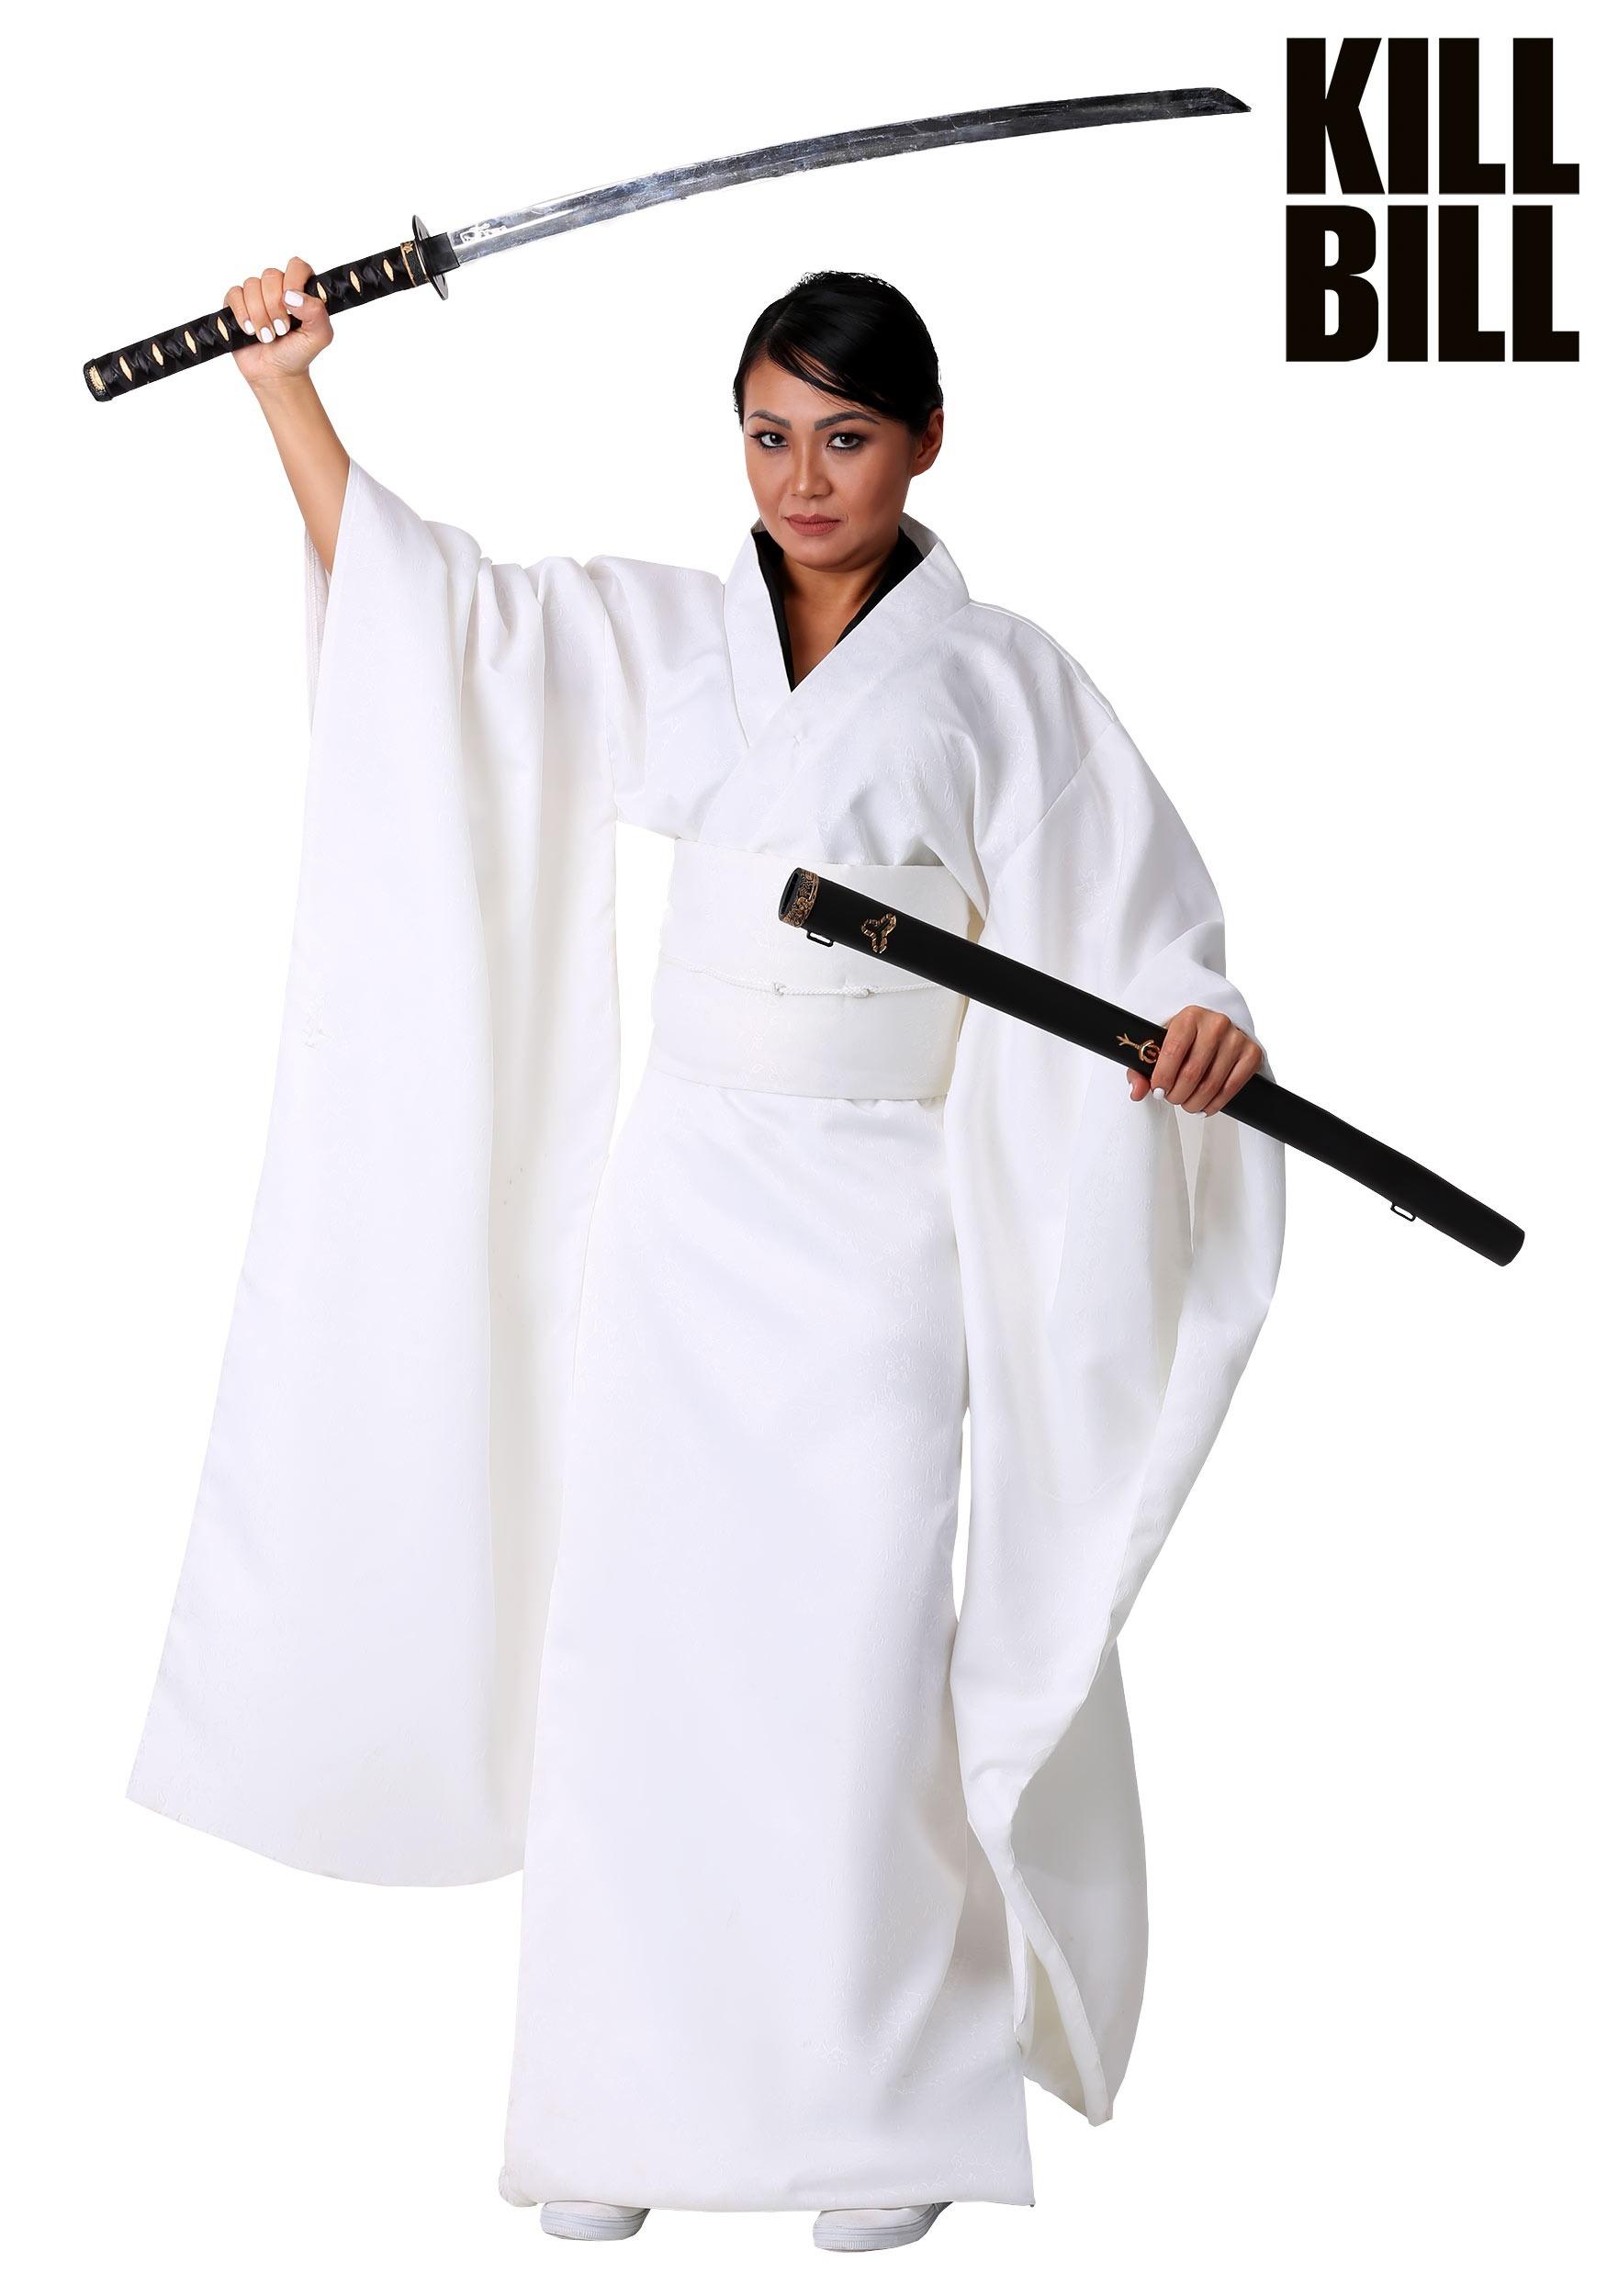 Women's Kill Bill O Ren Ishii Costume